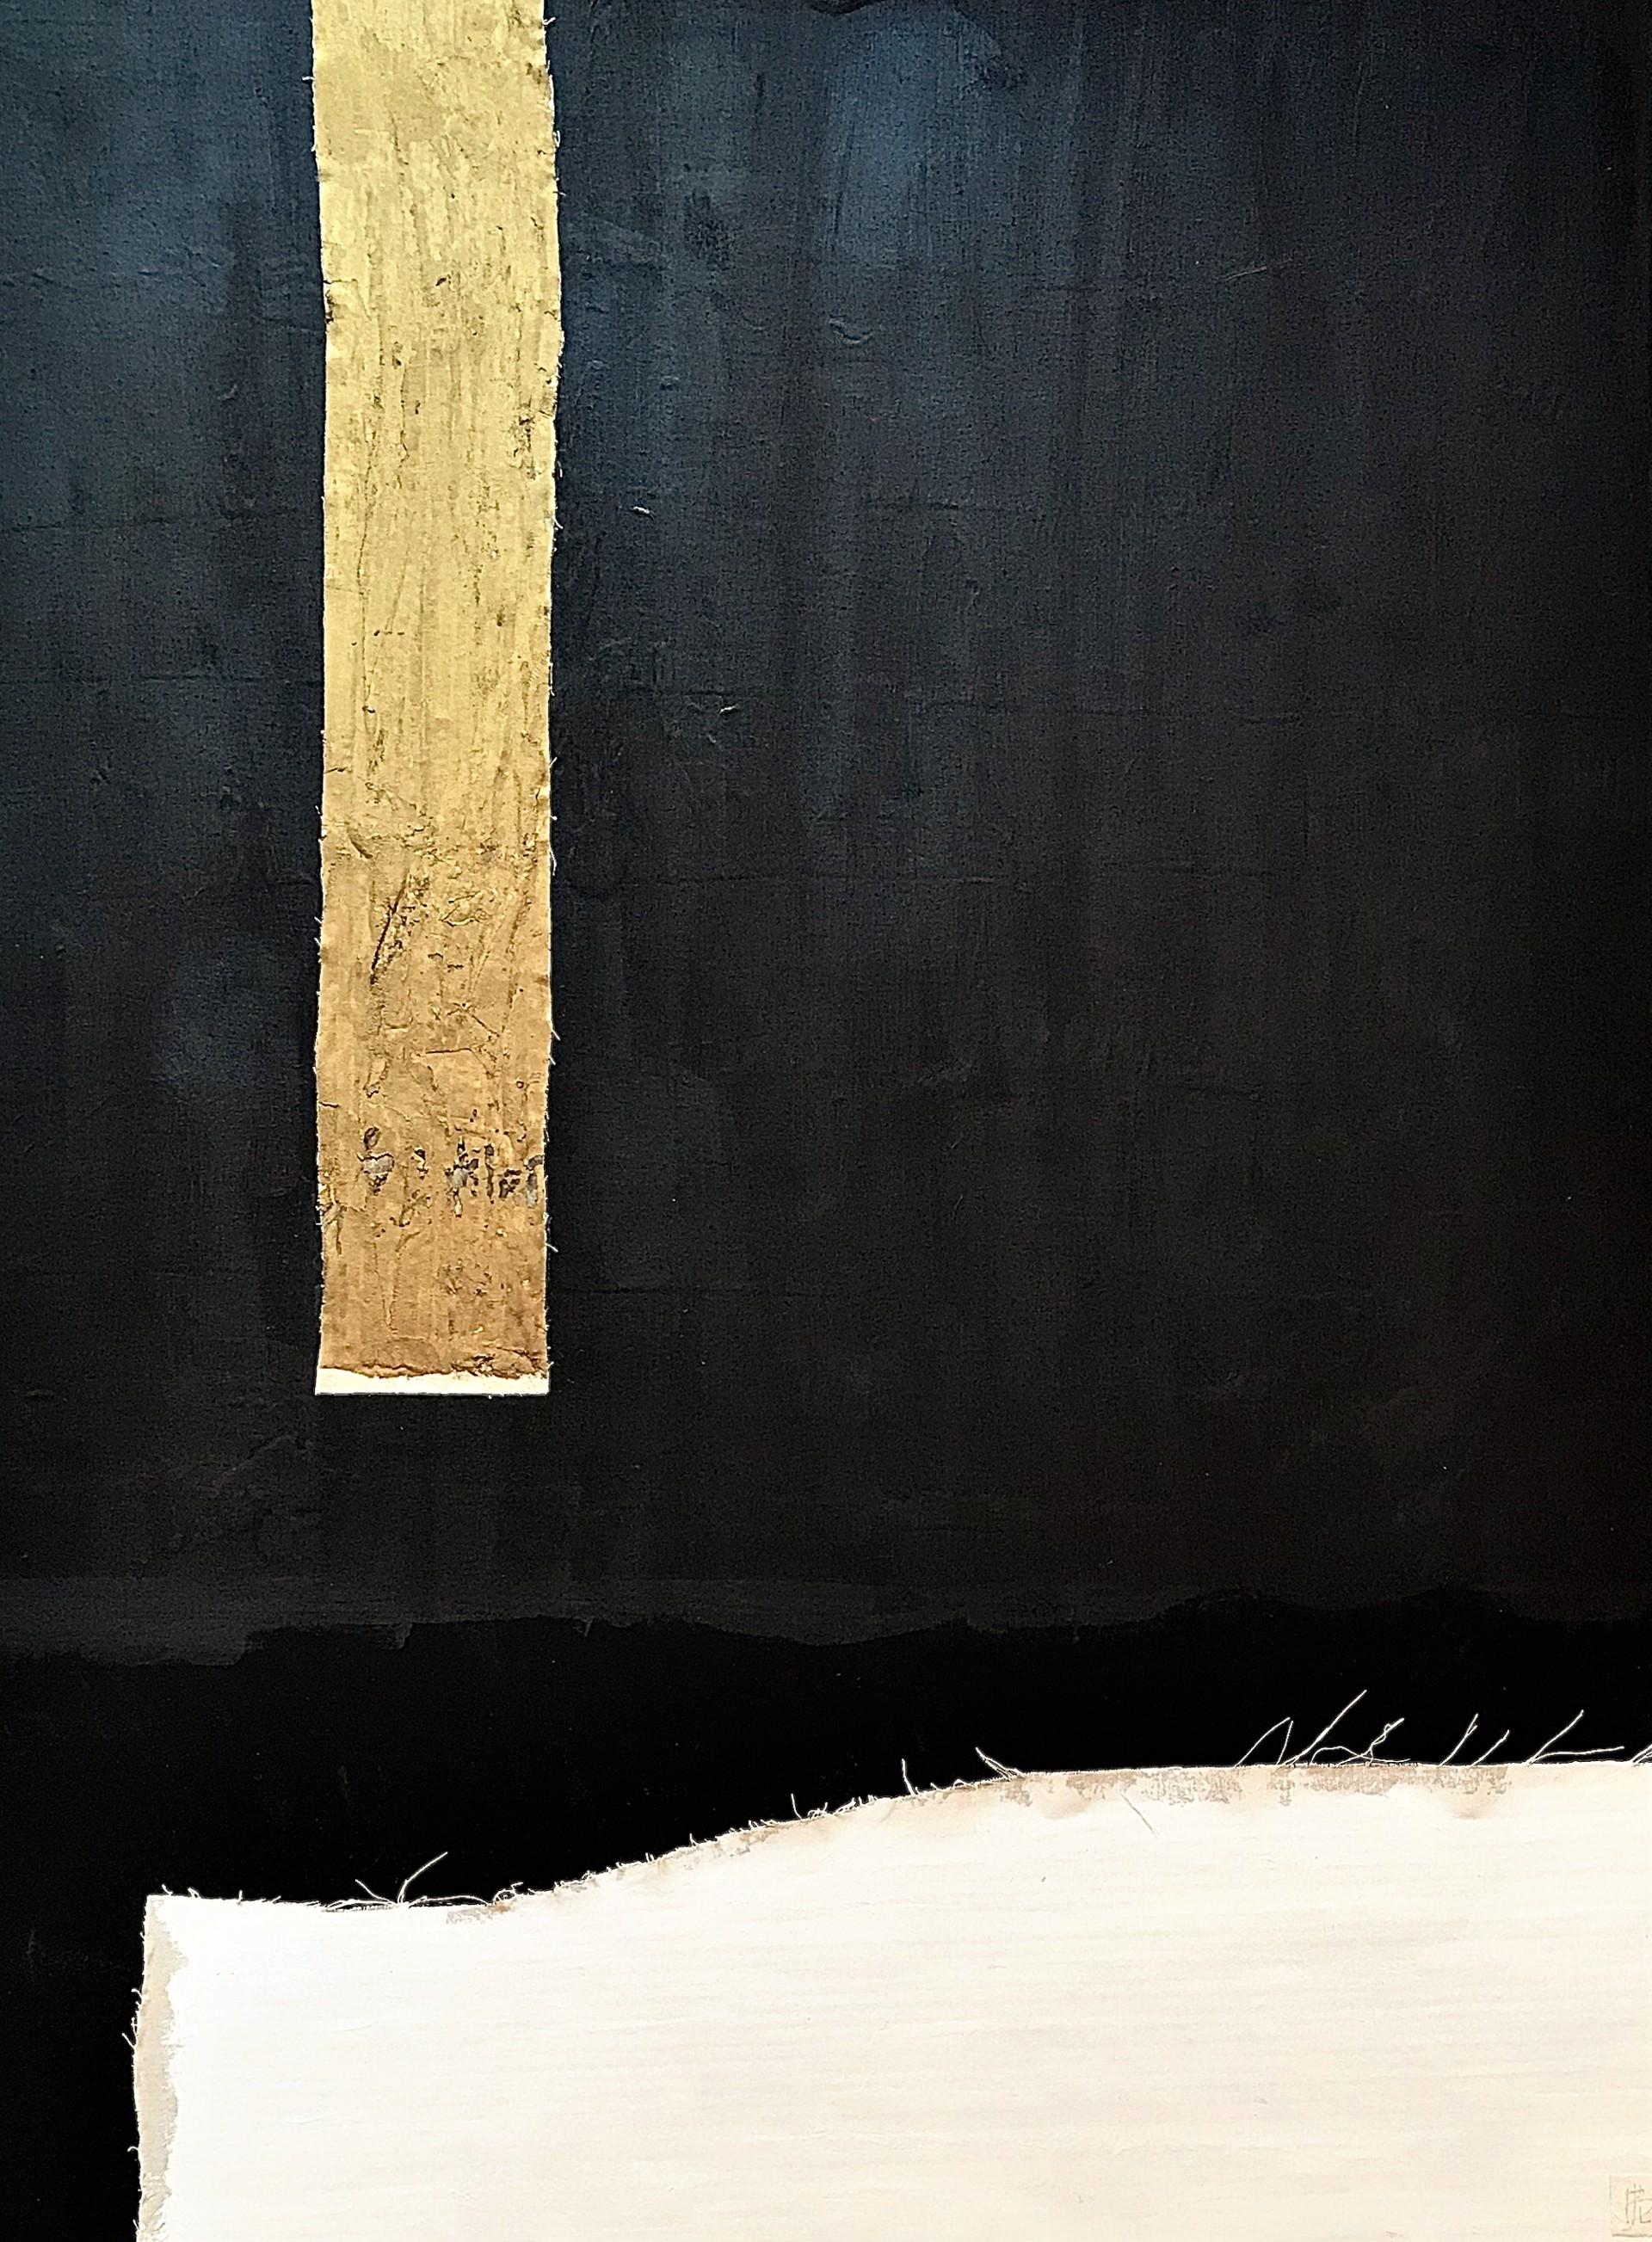 Noir et Blanc No. 1 by Leslie Poteet Busker